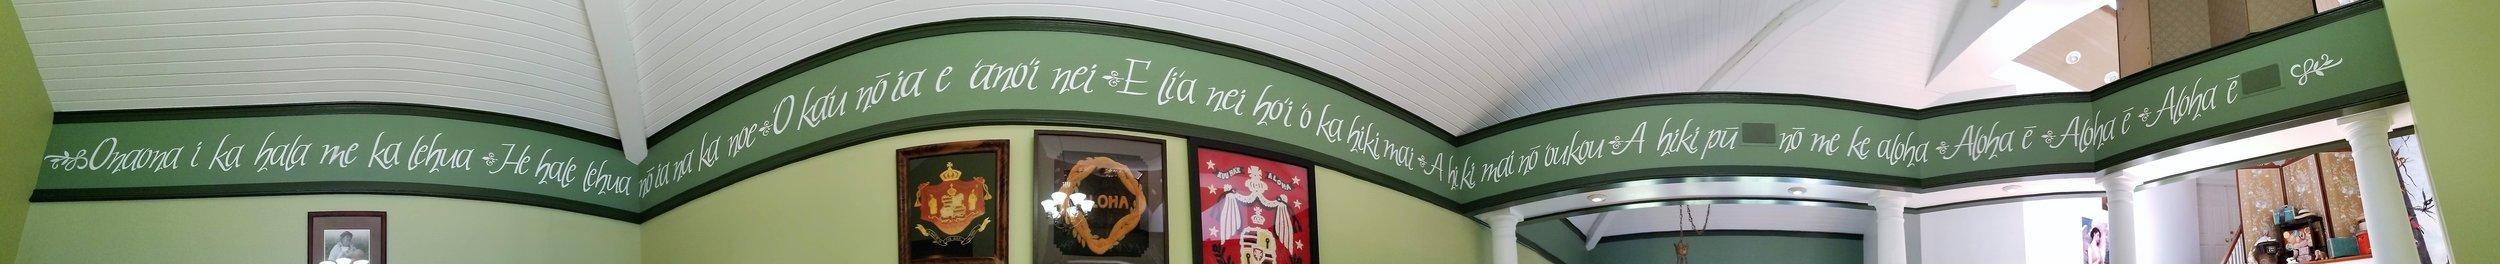 Oli Aloha Chant in Reception.jpg